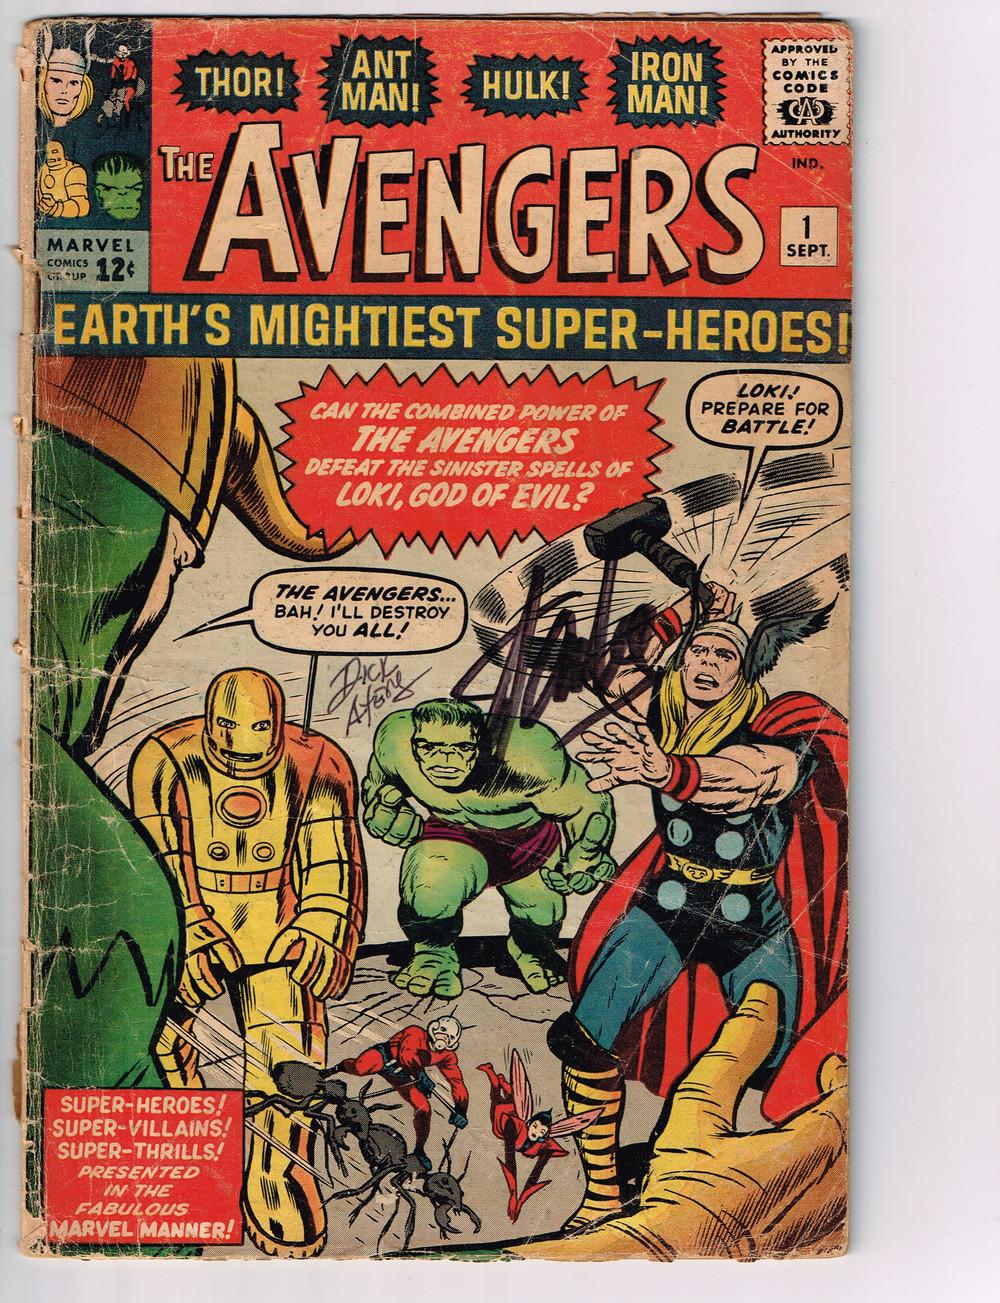 Avengers1.jpg